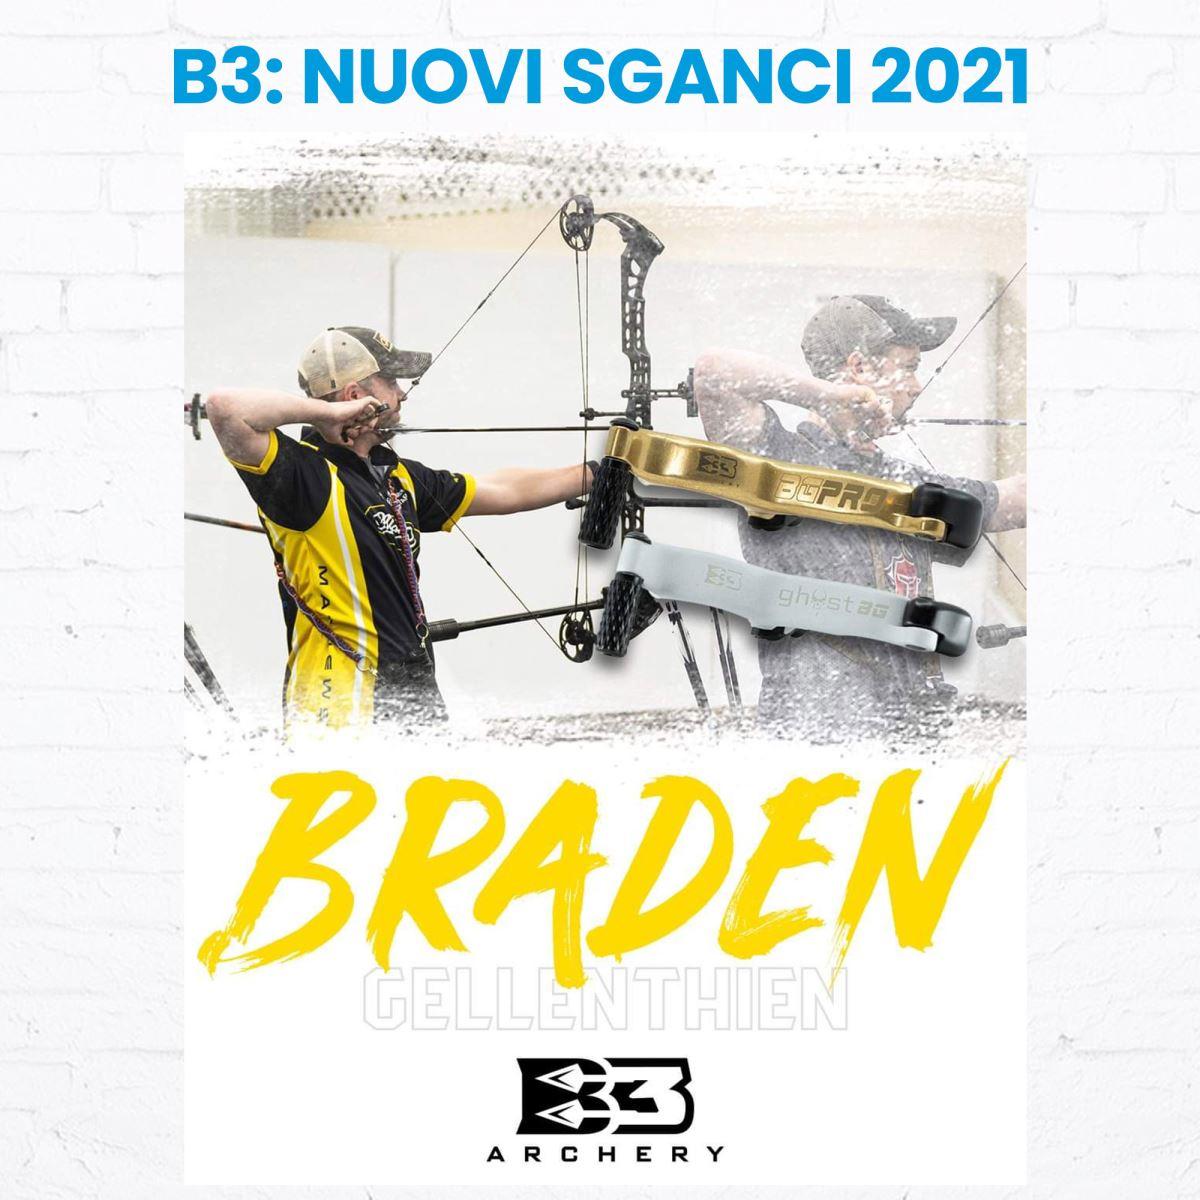 NUOVI SGANCI B3 ARCHERY, SCOPRI TUTTA LA GAMMA 2021